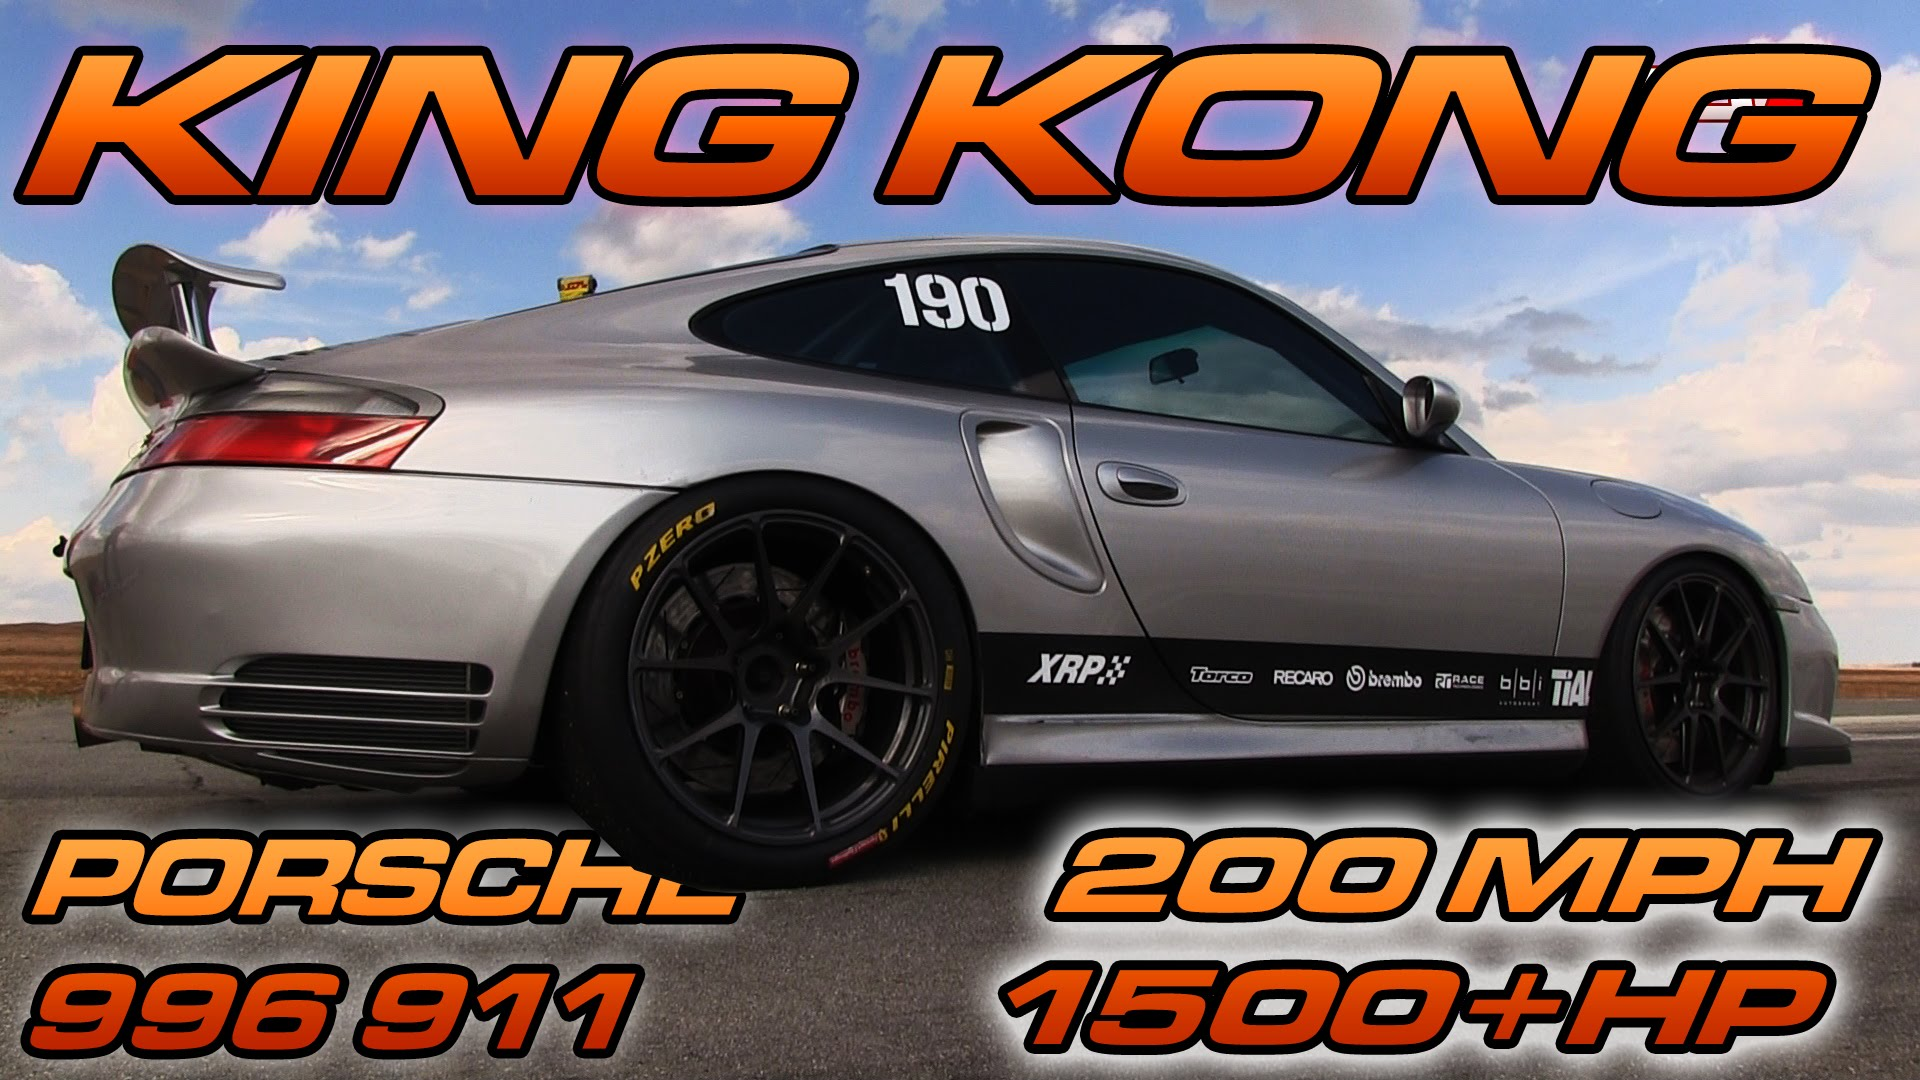 1500HP Porsche 911 – 200 MPH Half-Mile